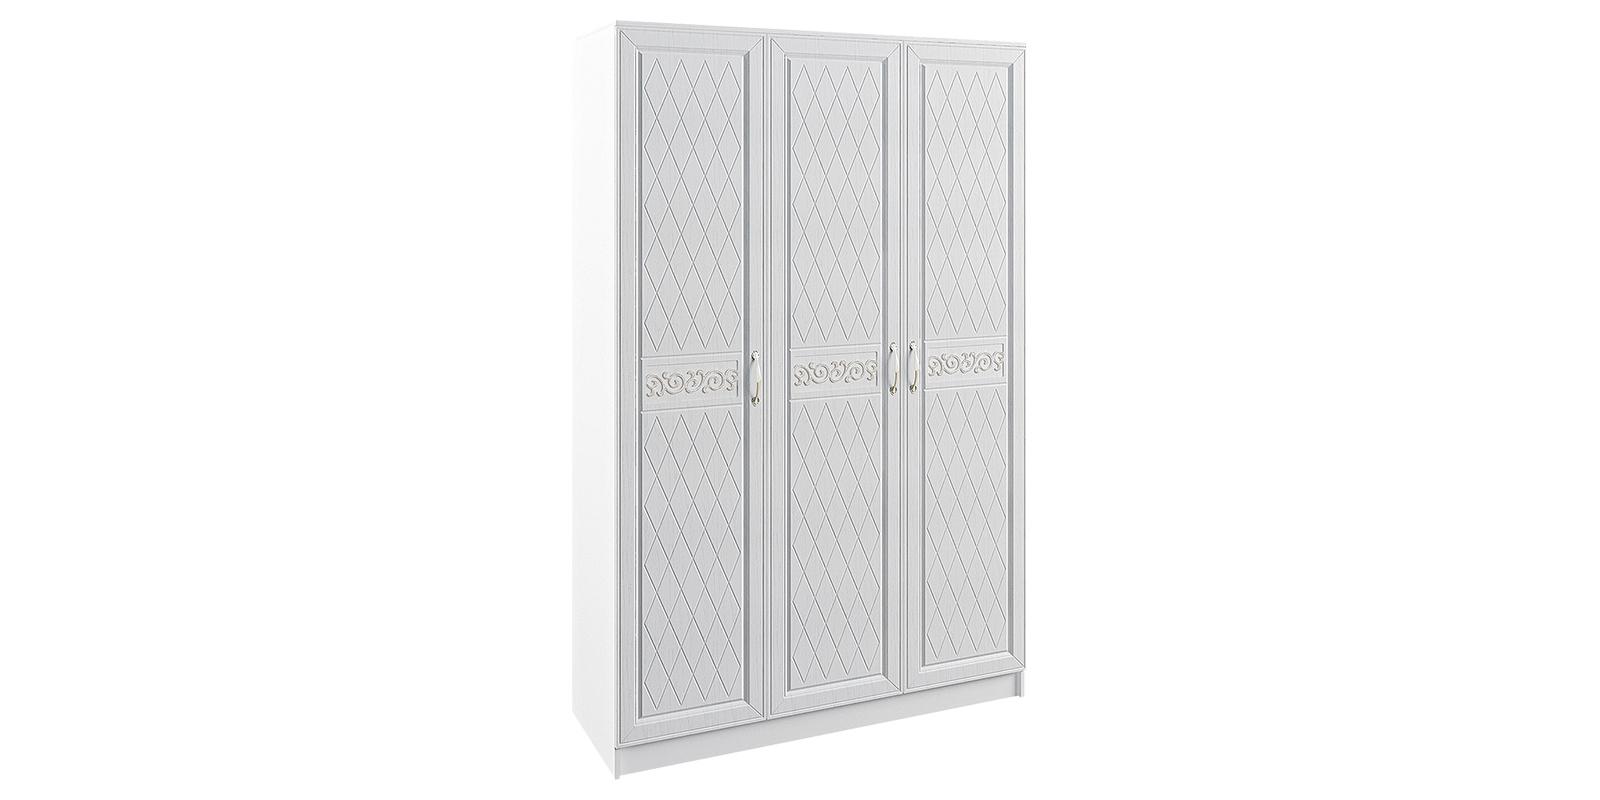 Шкаф распашной трехдверный Диамант вариант №2 (белый) Диамант